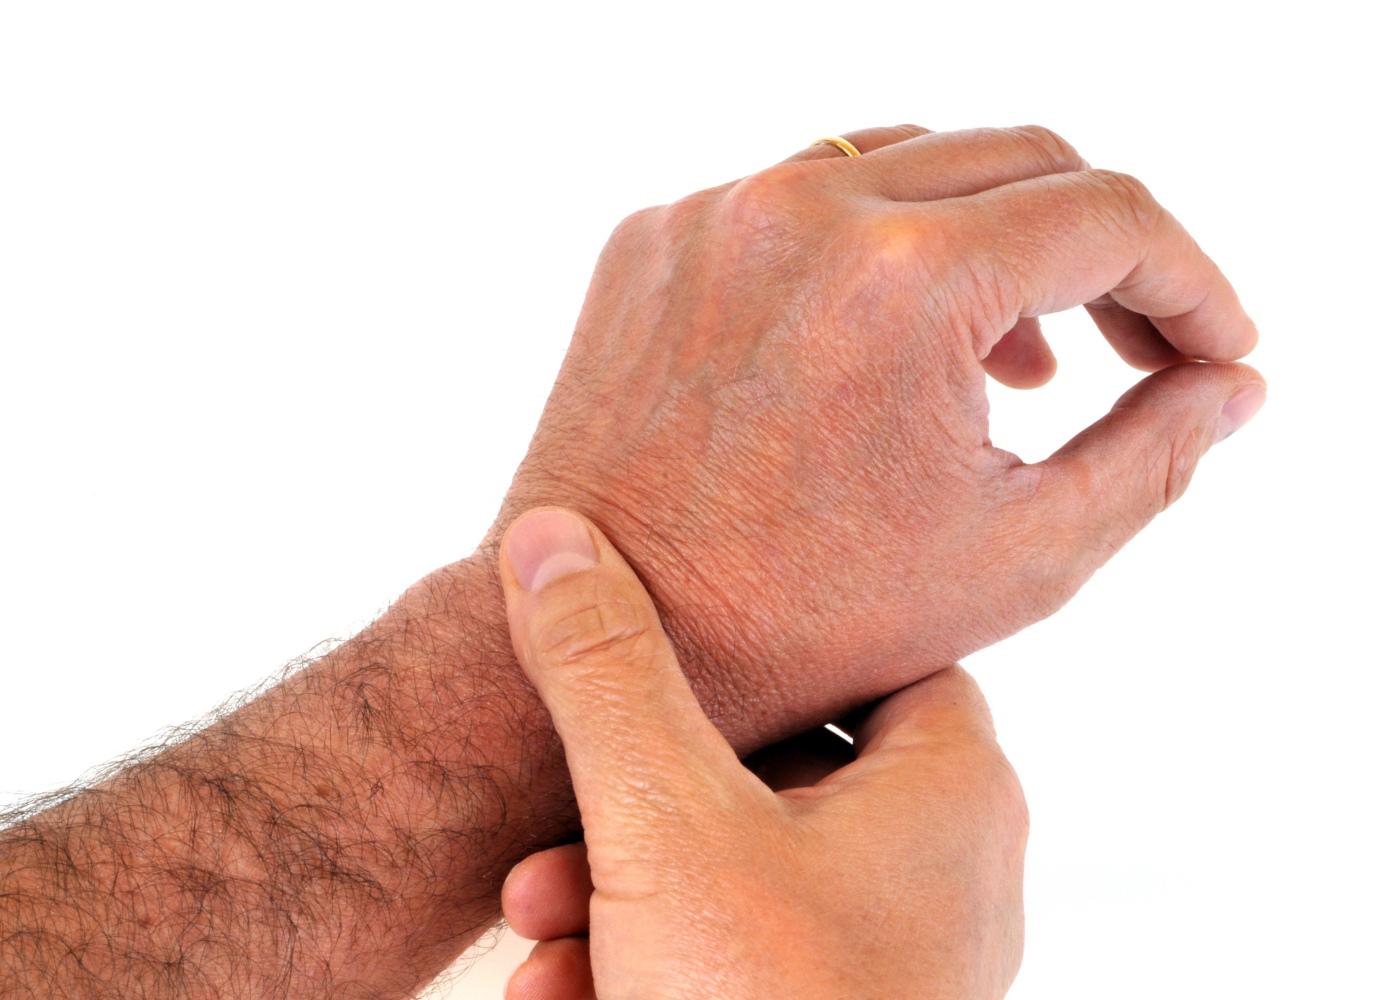 pessoa com dor no pulso